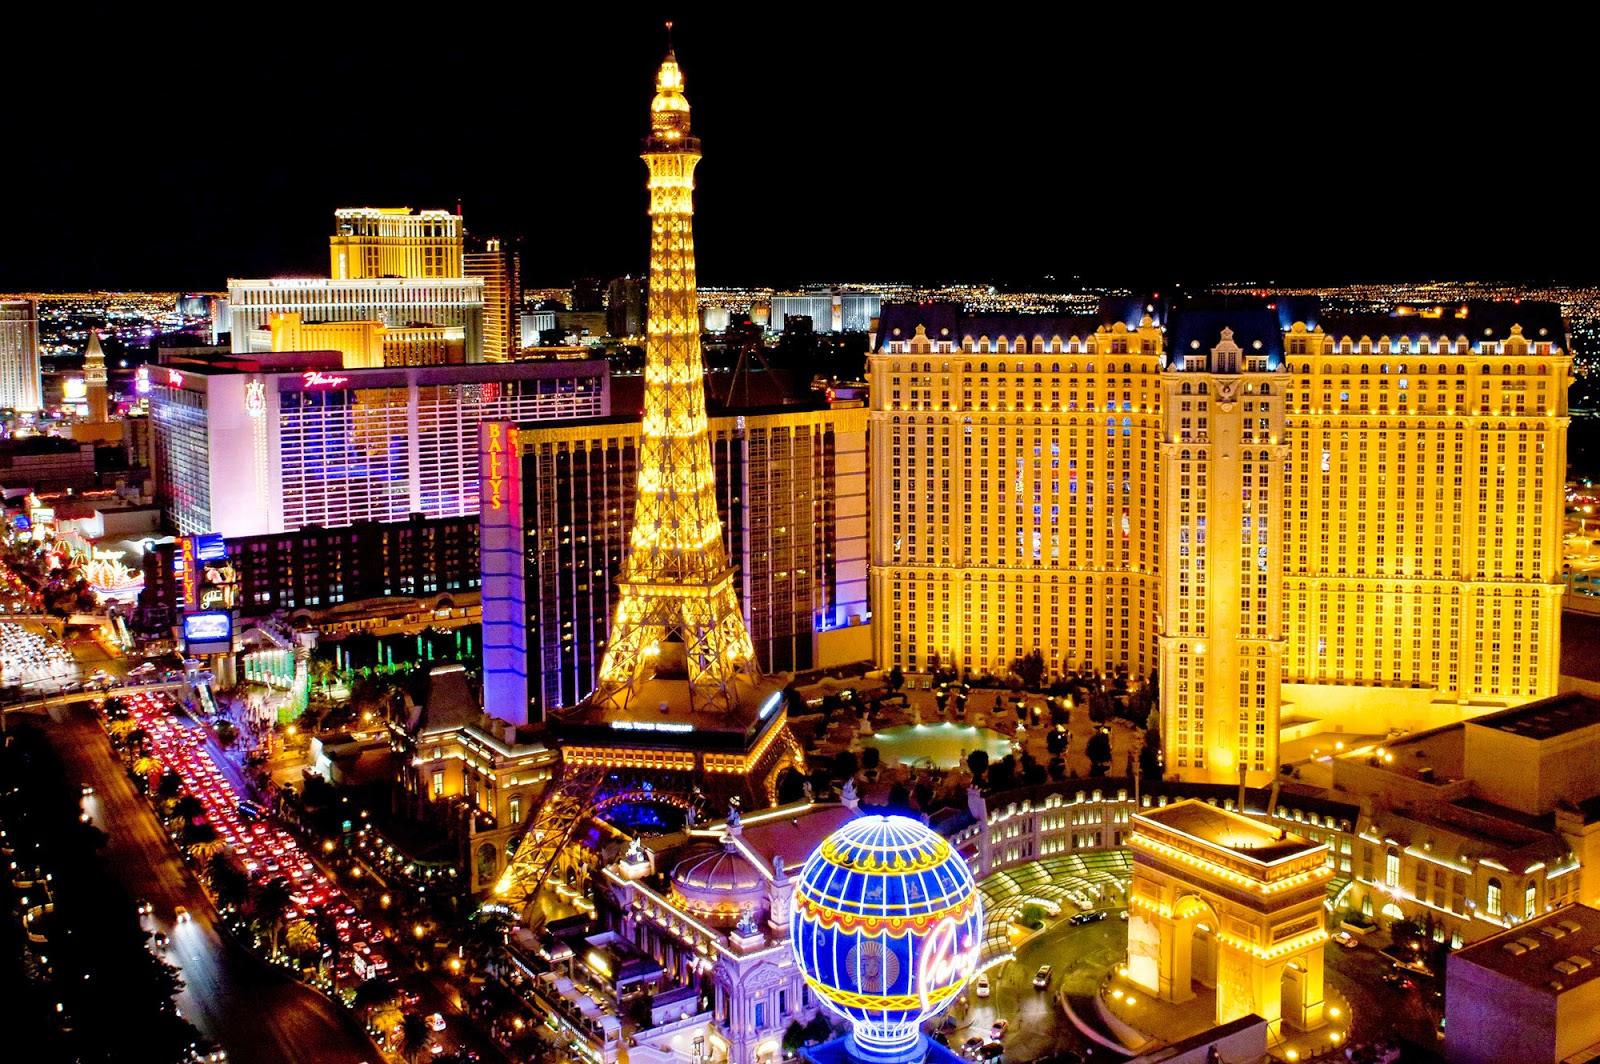 Las vages casino map 8